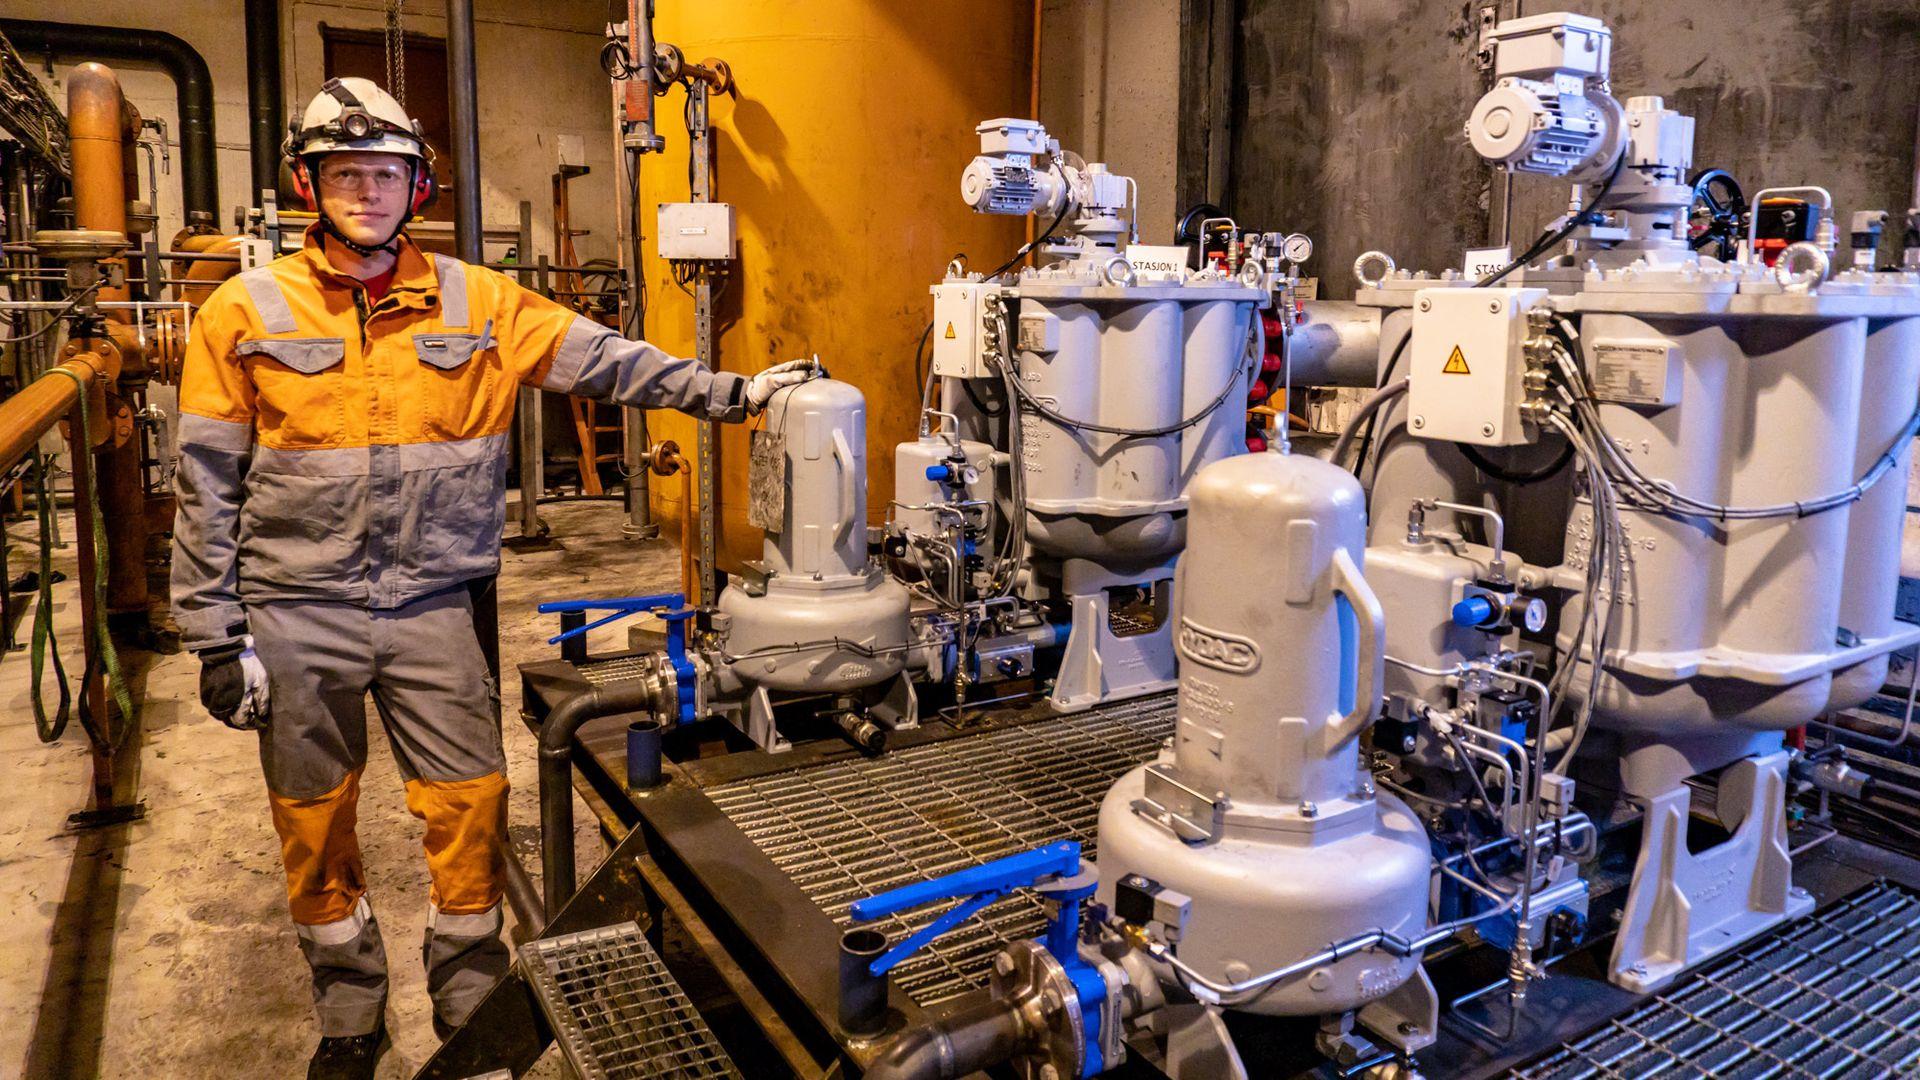 EFFEKTIVISERING: – Den nye løsningen krever mye mindre oppfølgning av operatørene, og leverer minst like god kvalitet på rengjøringa, forteller teknisk sjef Henrik Limstrand i Celsa Armeringsstål.